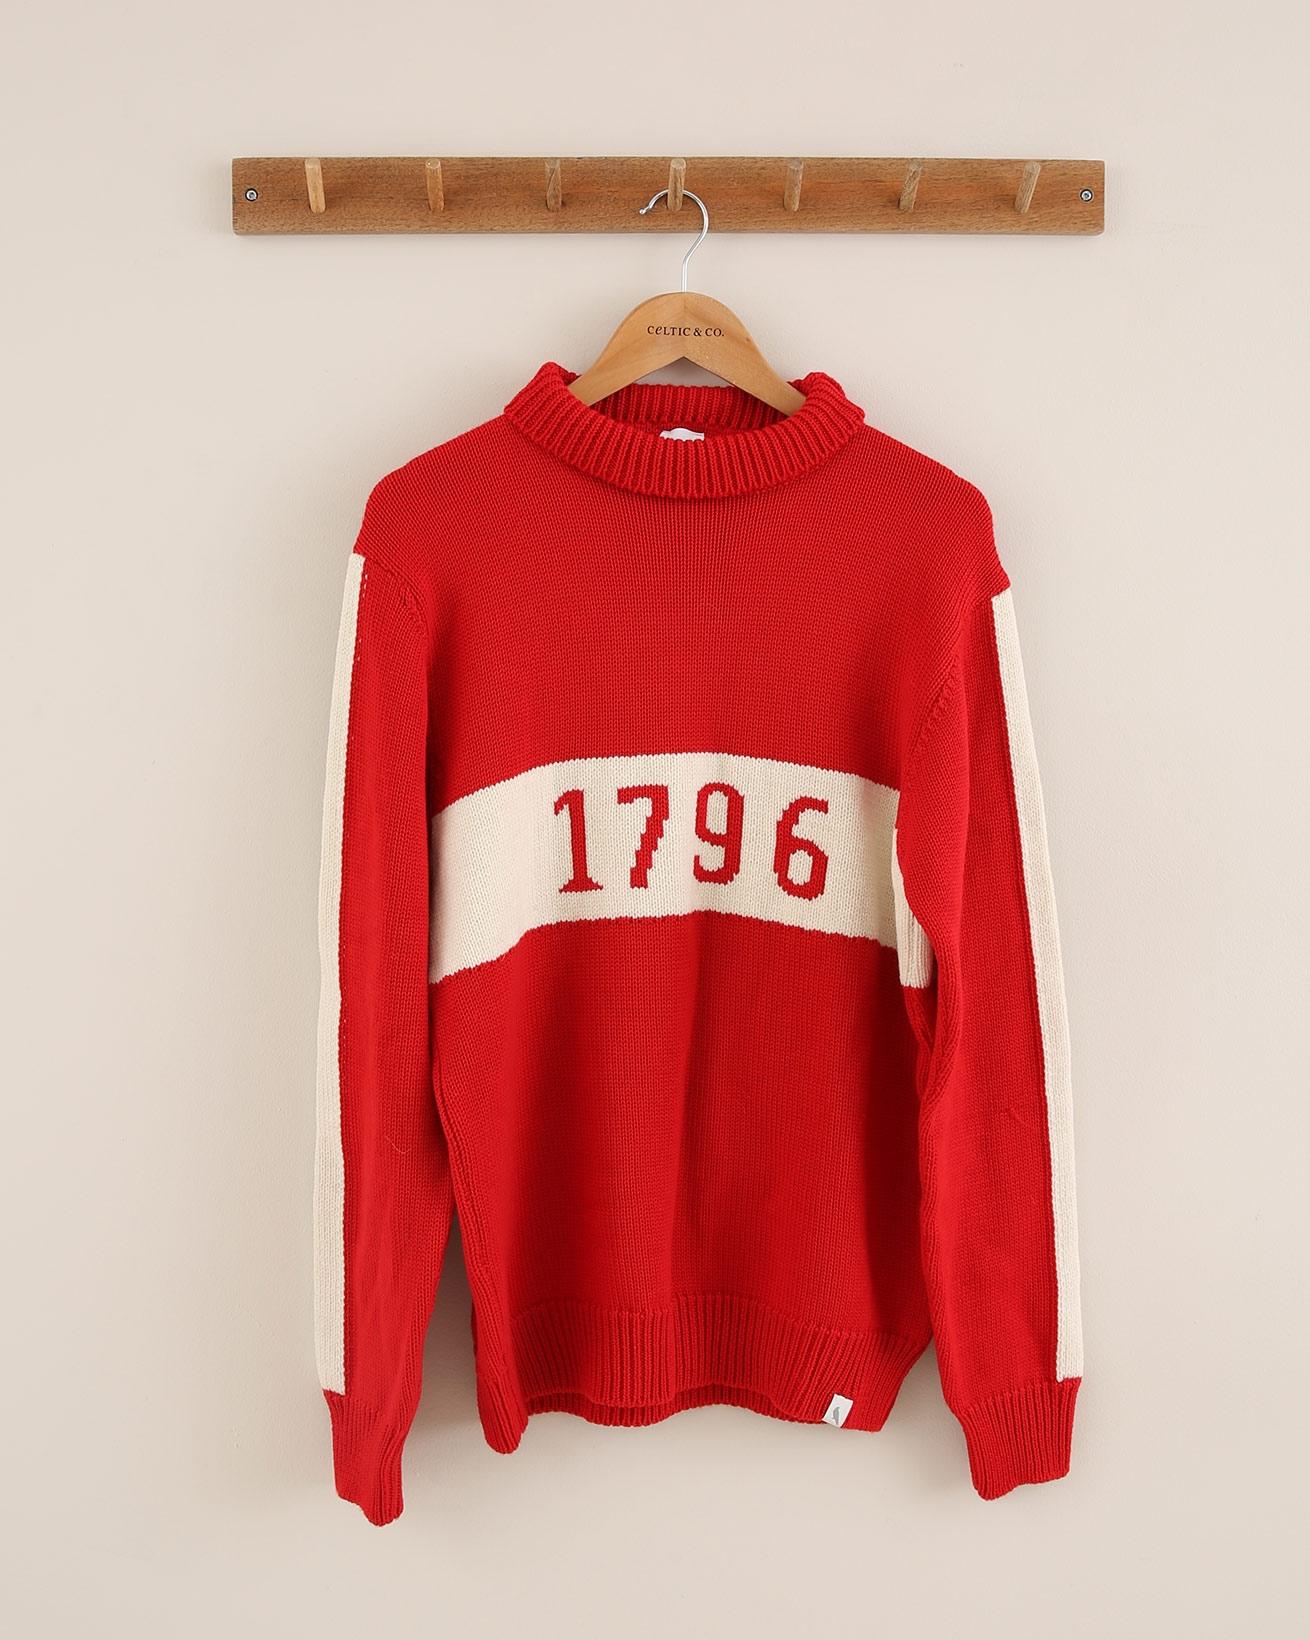 Mens Retro 1796 Jumper  Size Large - Red/Cream - 1800